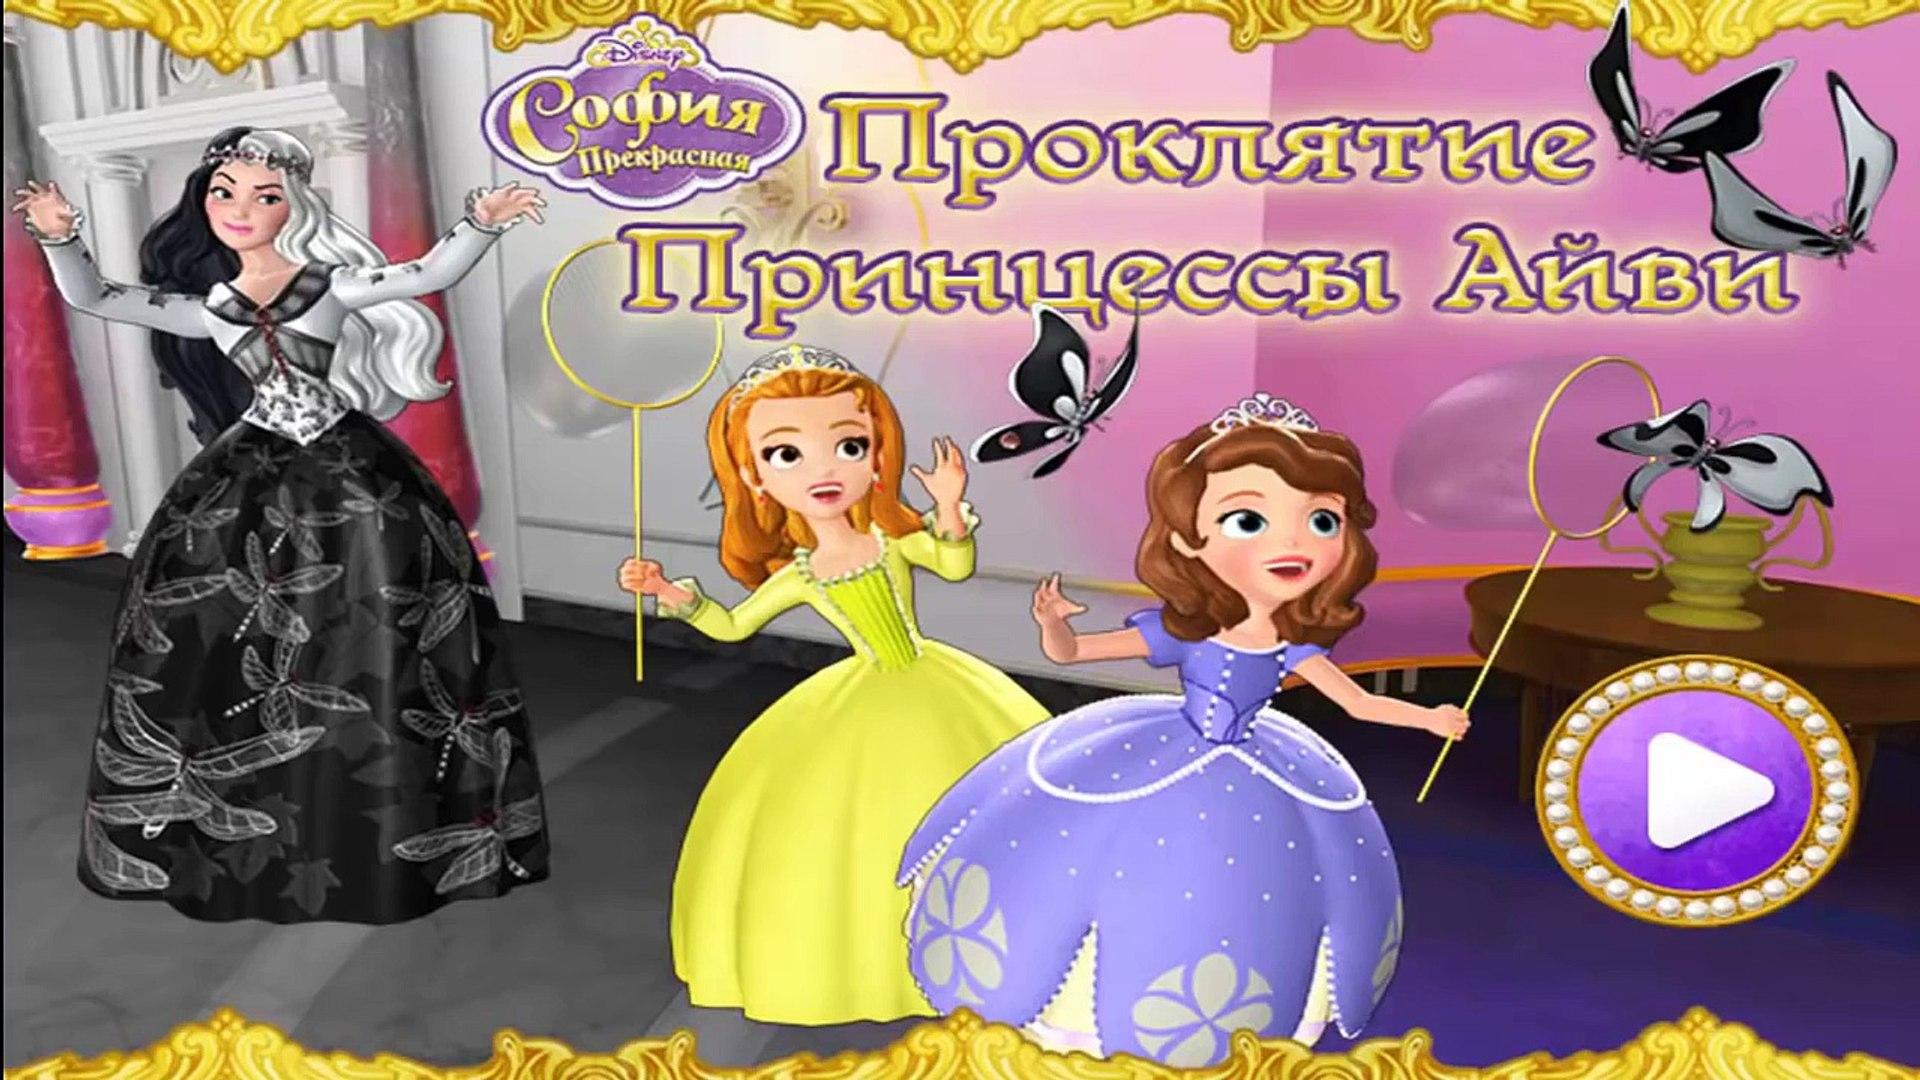 София Прекрасная: Проклятие Принцессы Айви